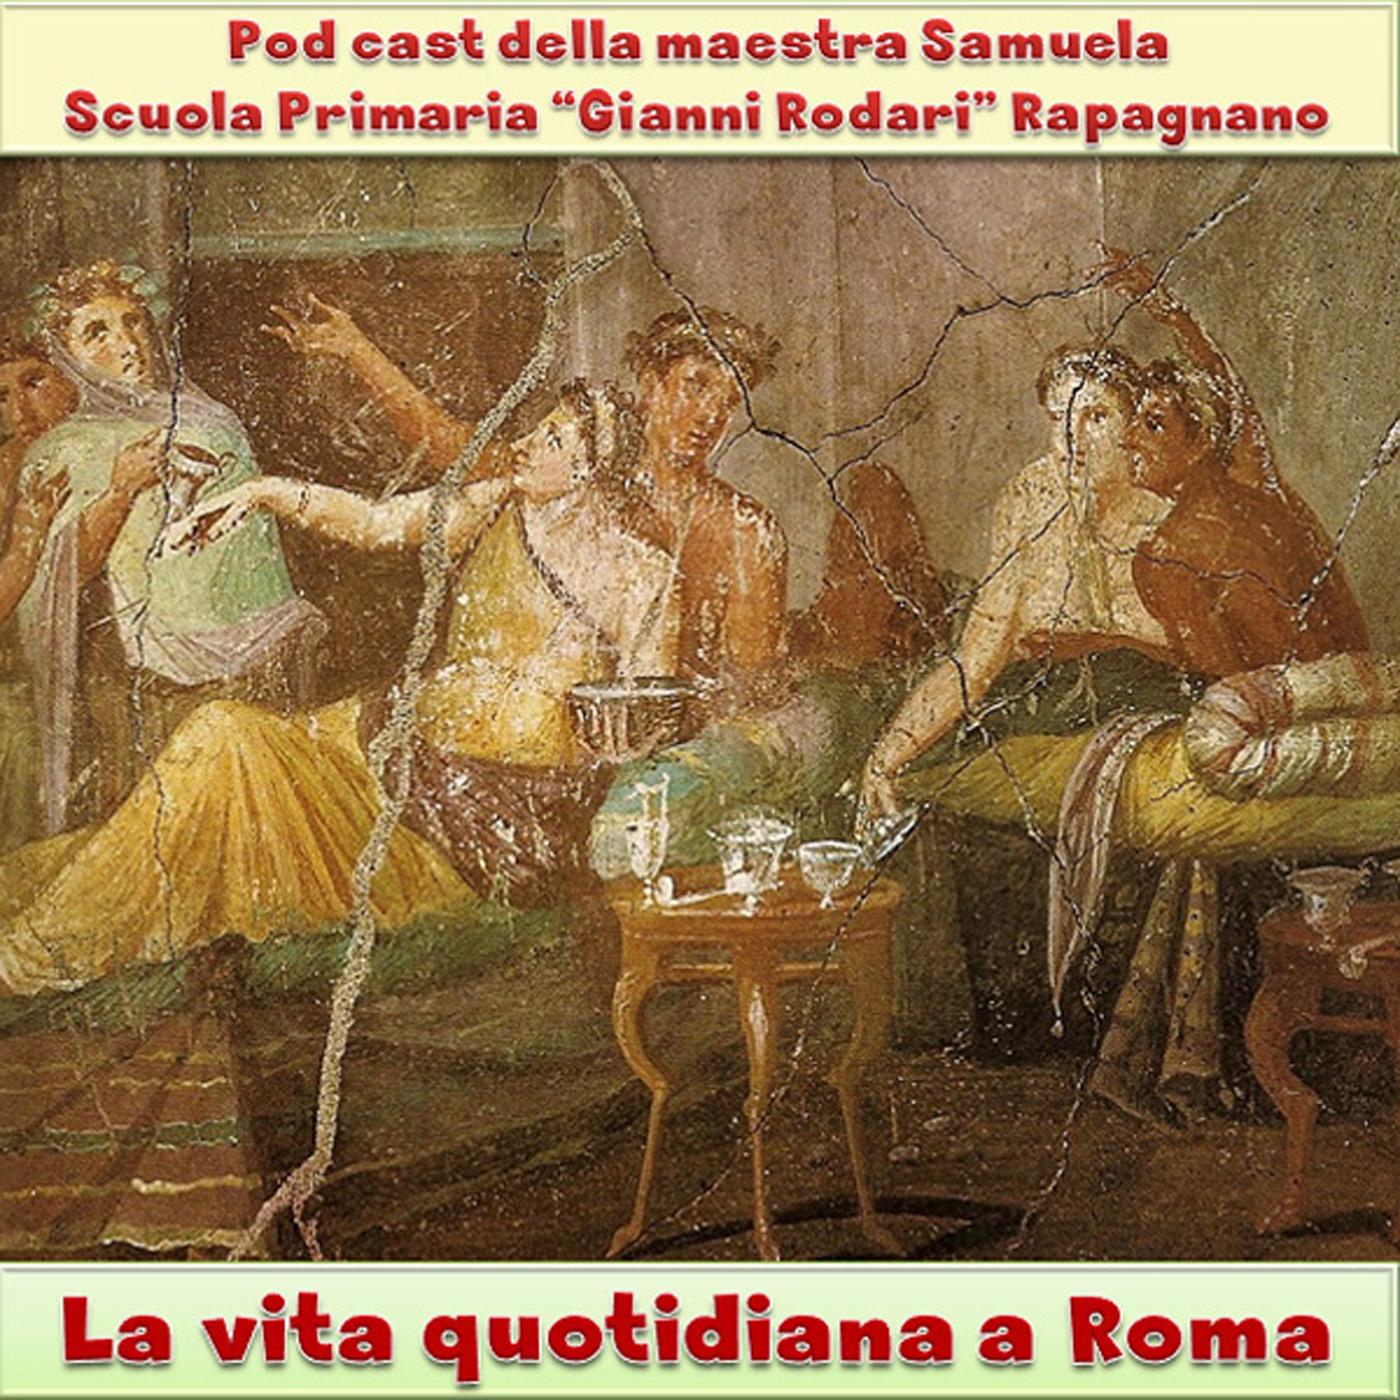 La vita quotidiana a Roma